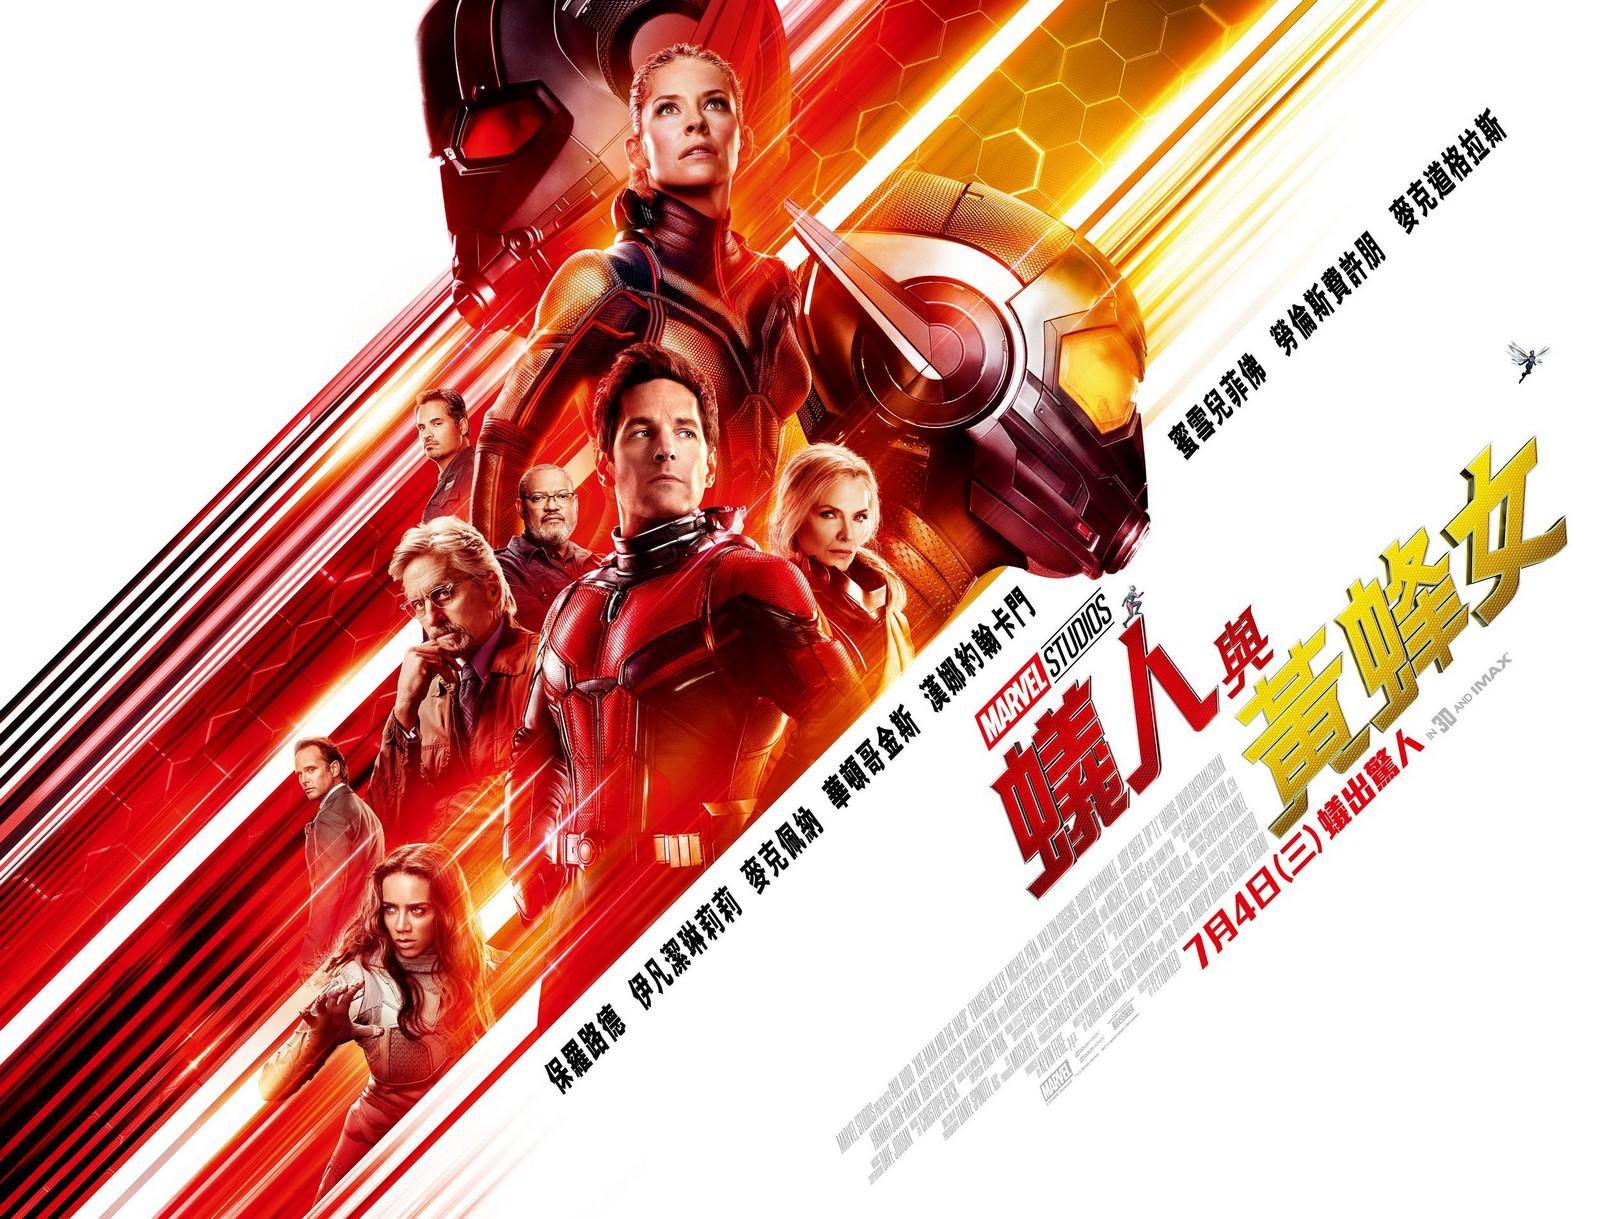 Movie, Ant-Man and the Wasp(美國.英國) / 蟻人與黃蜂女(台) / 蚁人2:黄蜂女现身(中) / 蟻俠2:黃蜂女現身(港), 電影海報, 台灣, 橫版